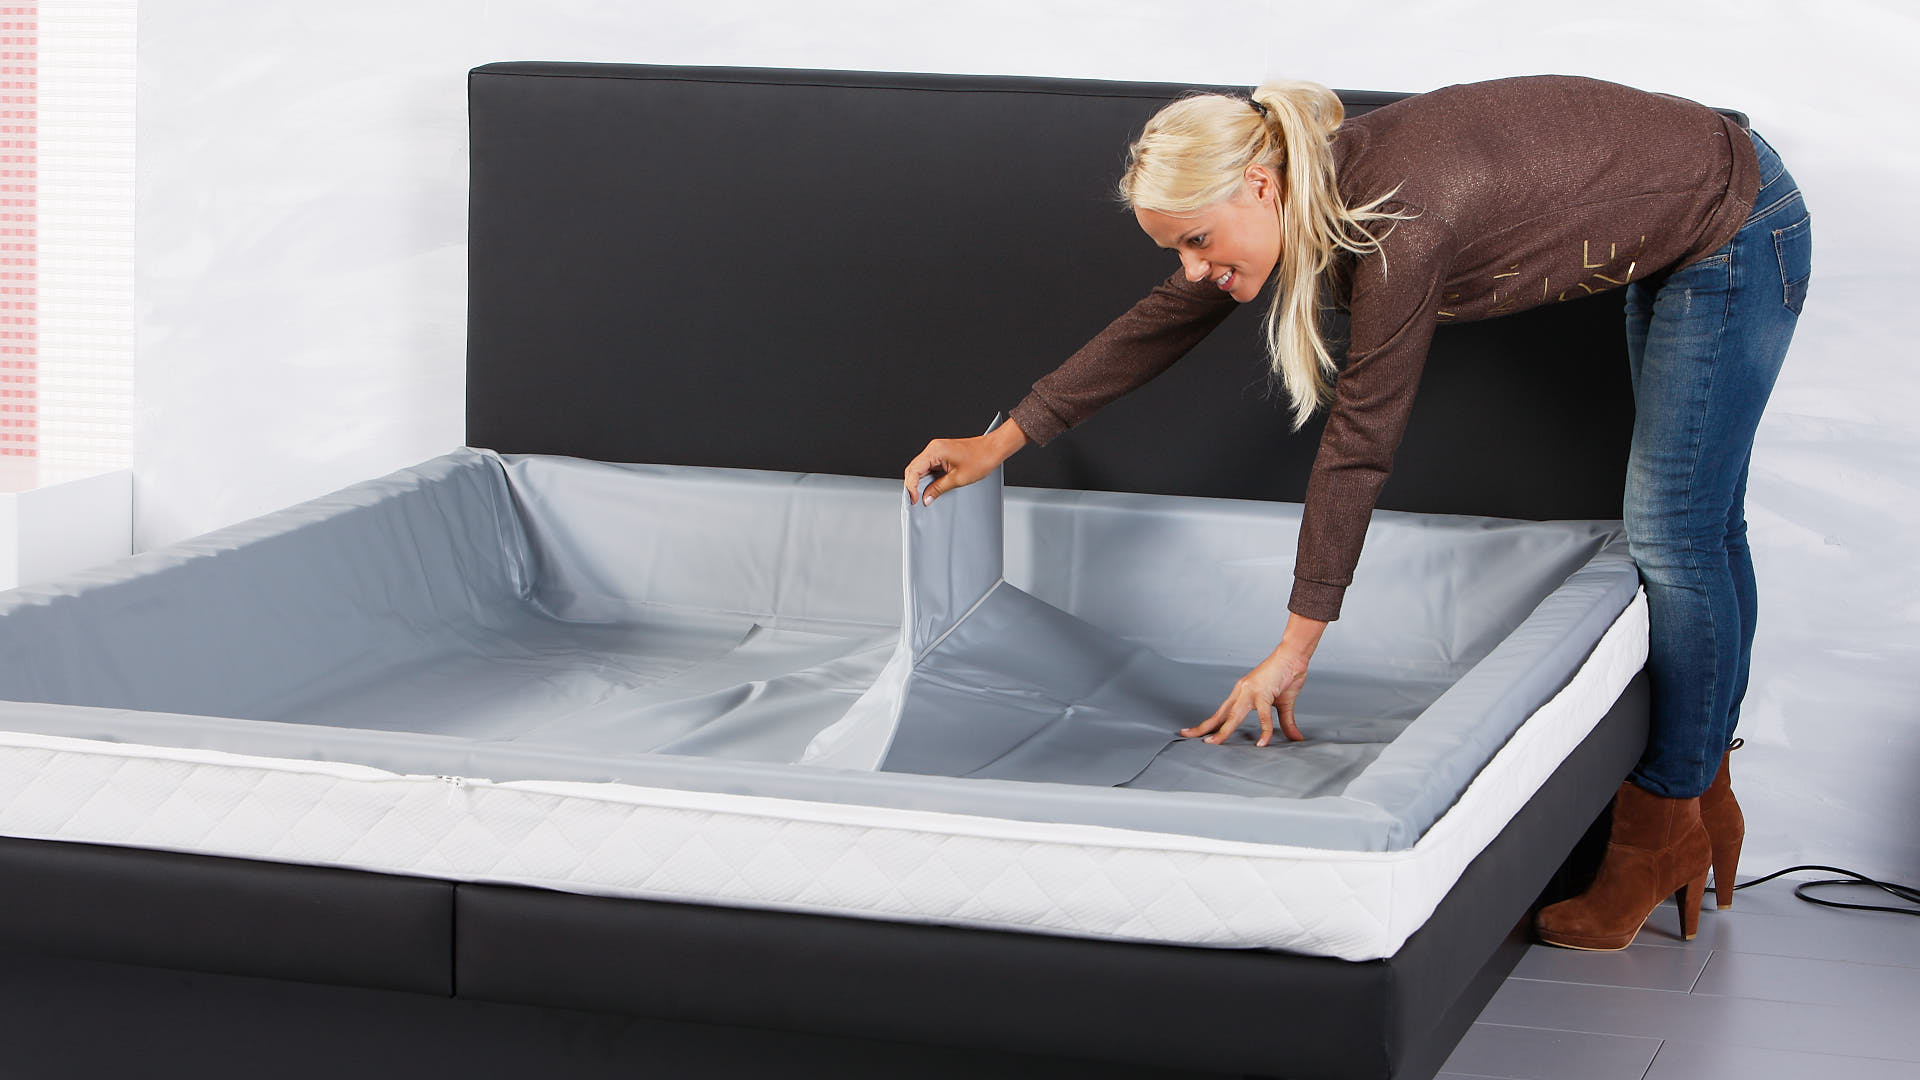 Wasserbett Luxus Sicherheitsfolie über den Schaumstoffrahmen legen